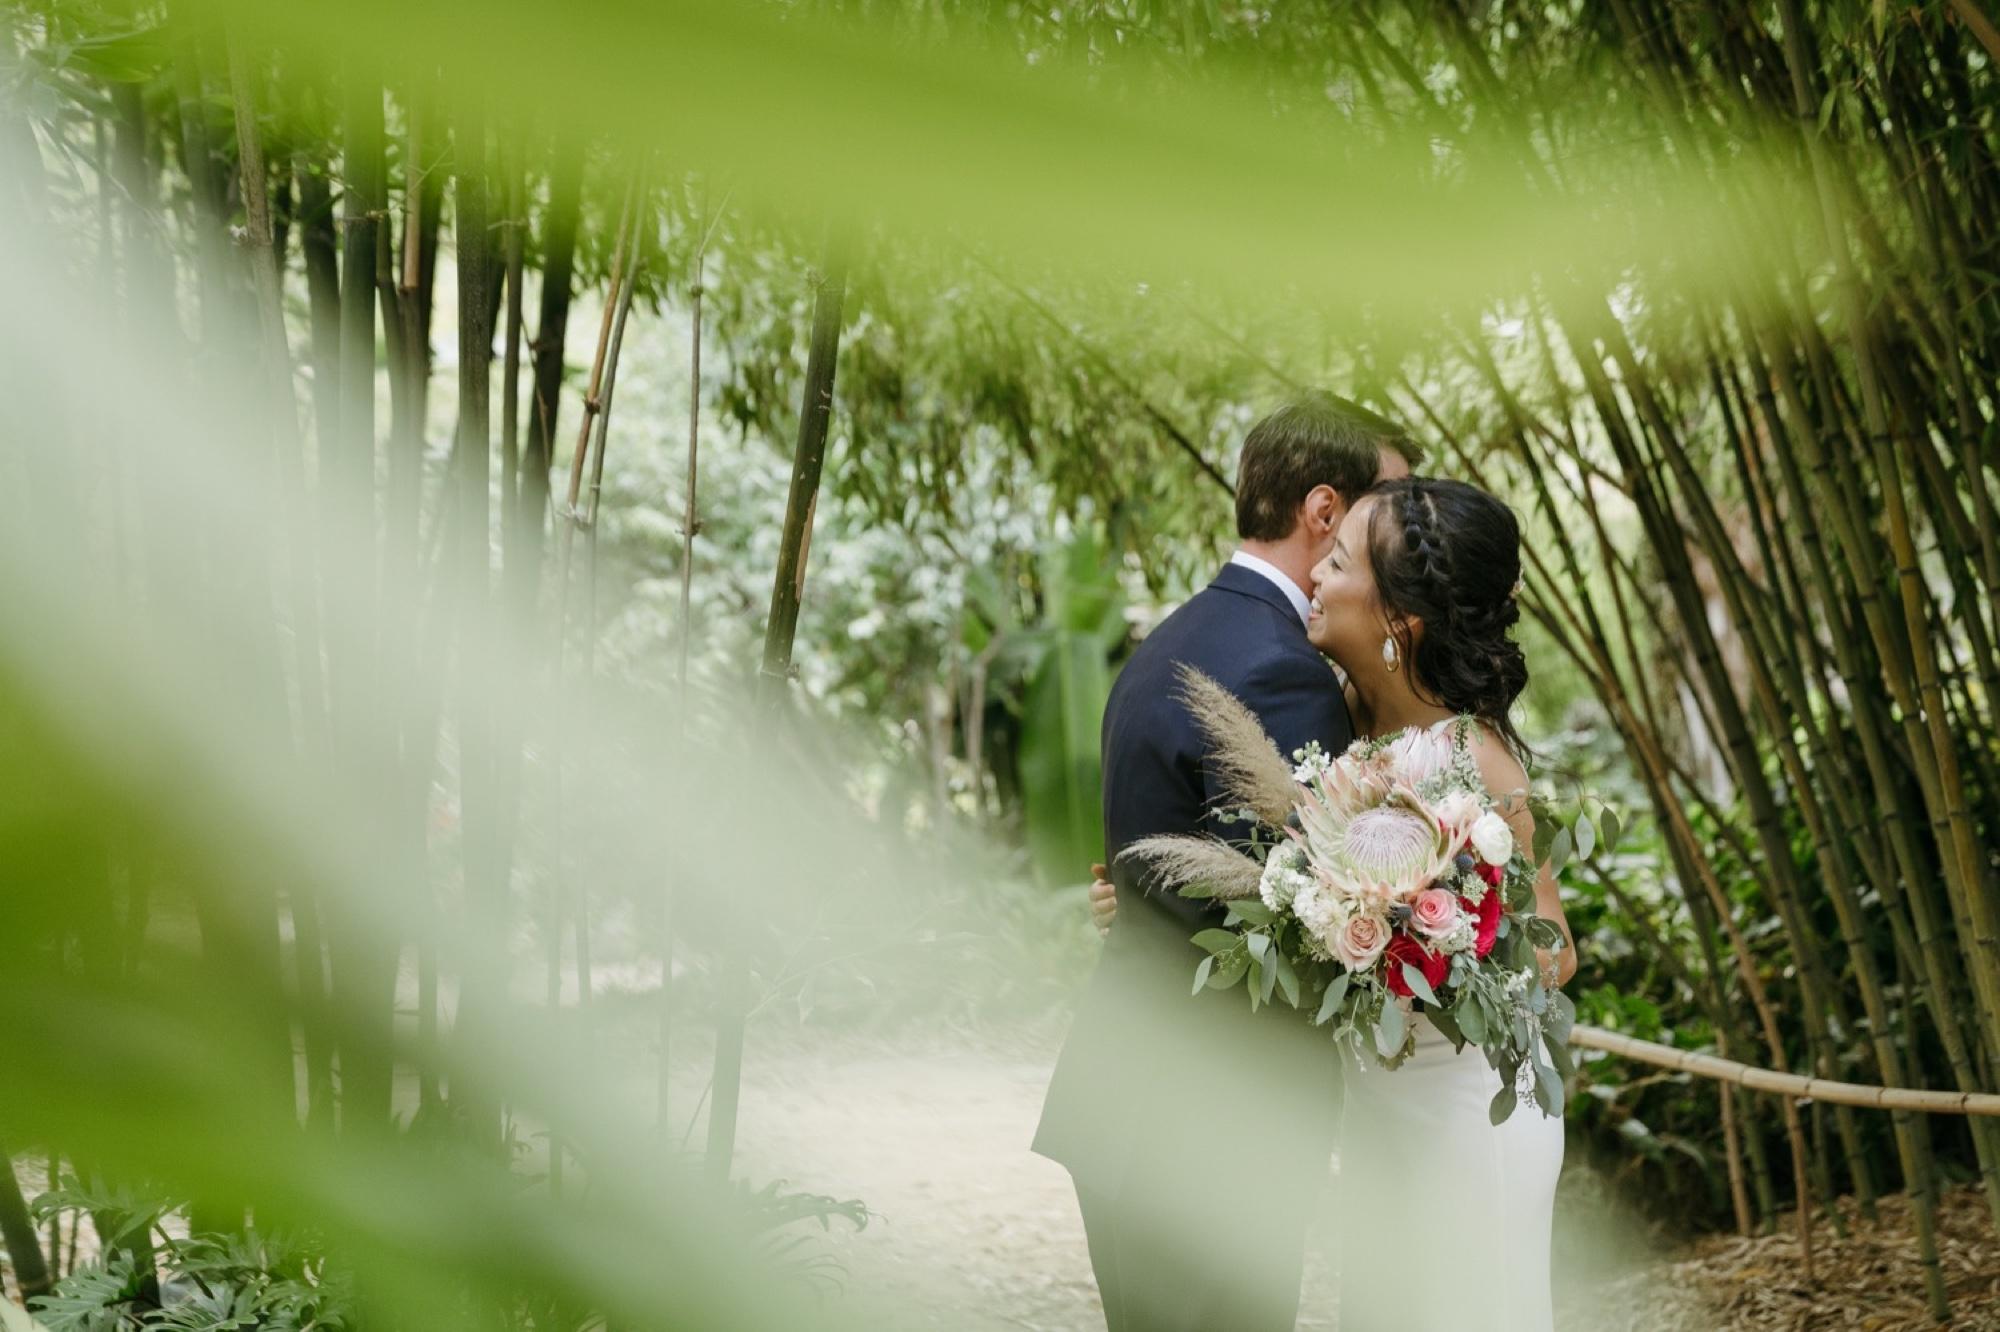 080_Shawna and Steve's Wedding-526.jpg